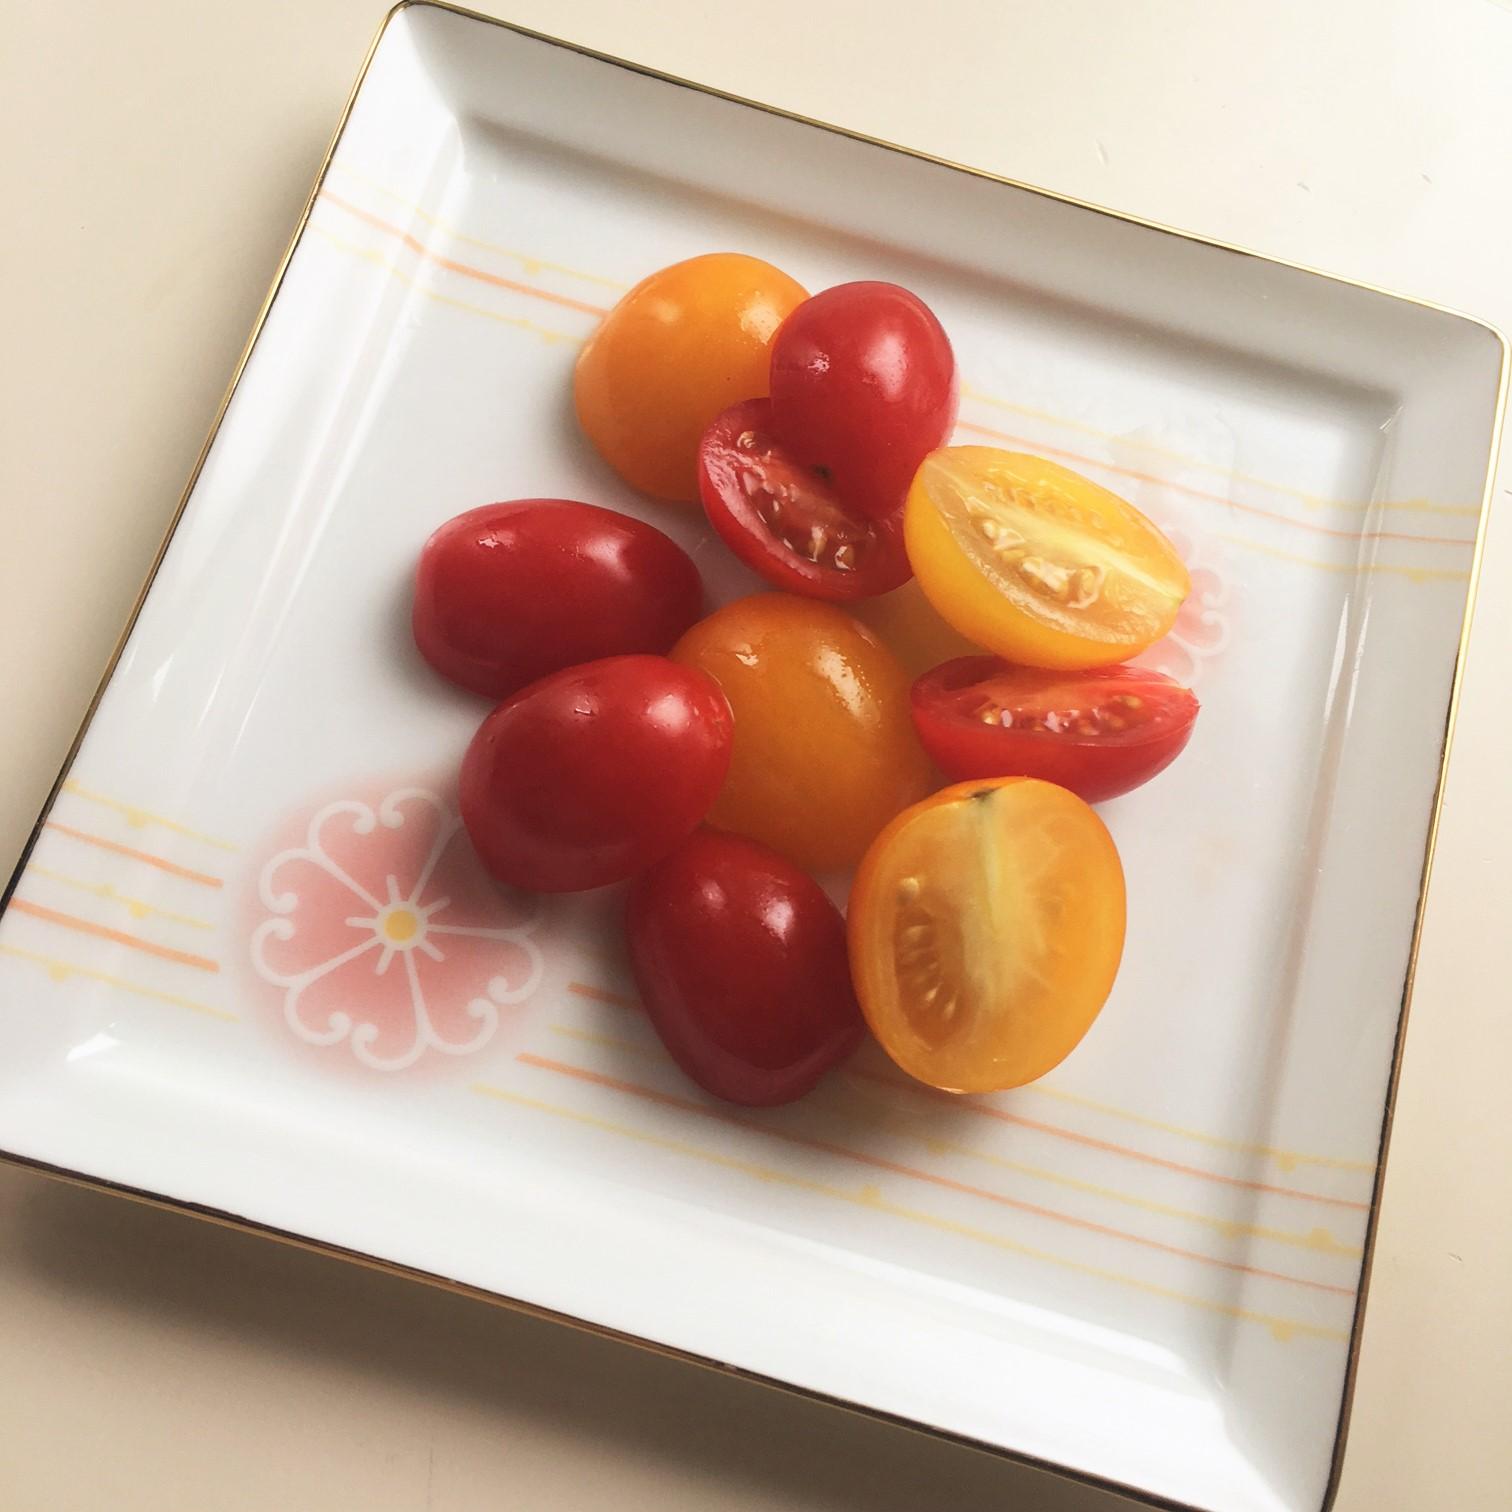 鮮やかミニトマトで、アンチエイジング。女子の味方のリコピンを、丸ごと摂取!